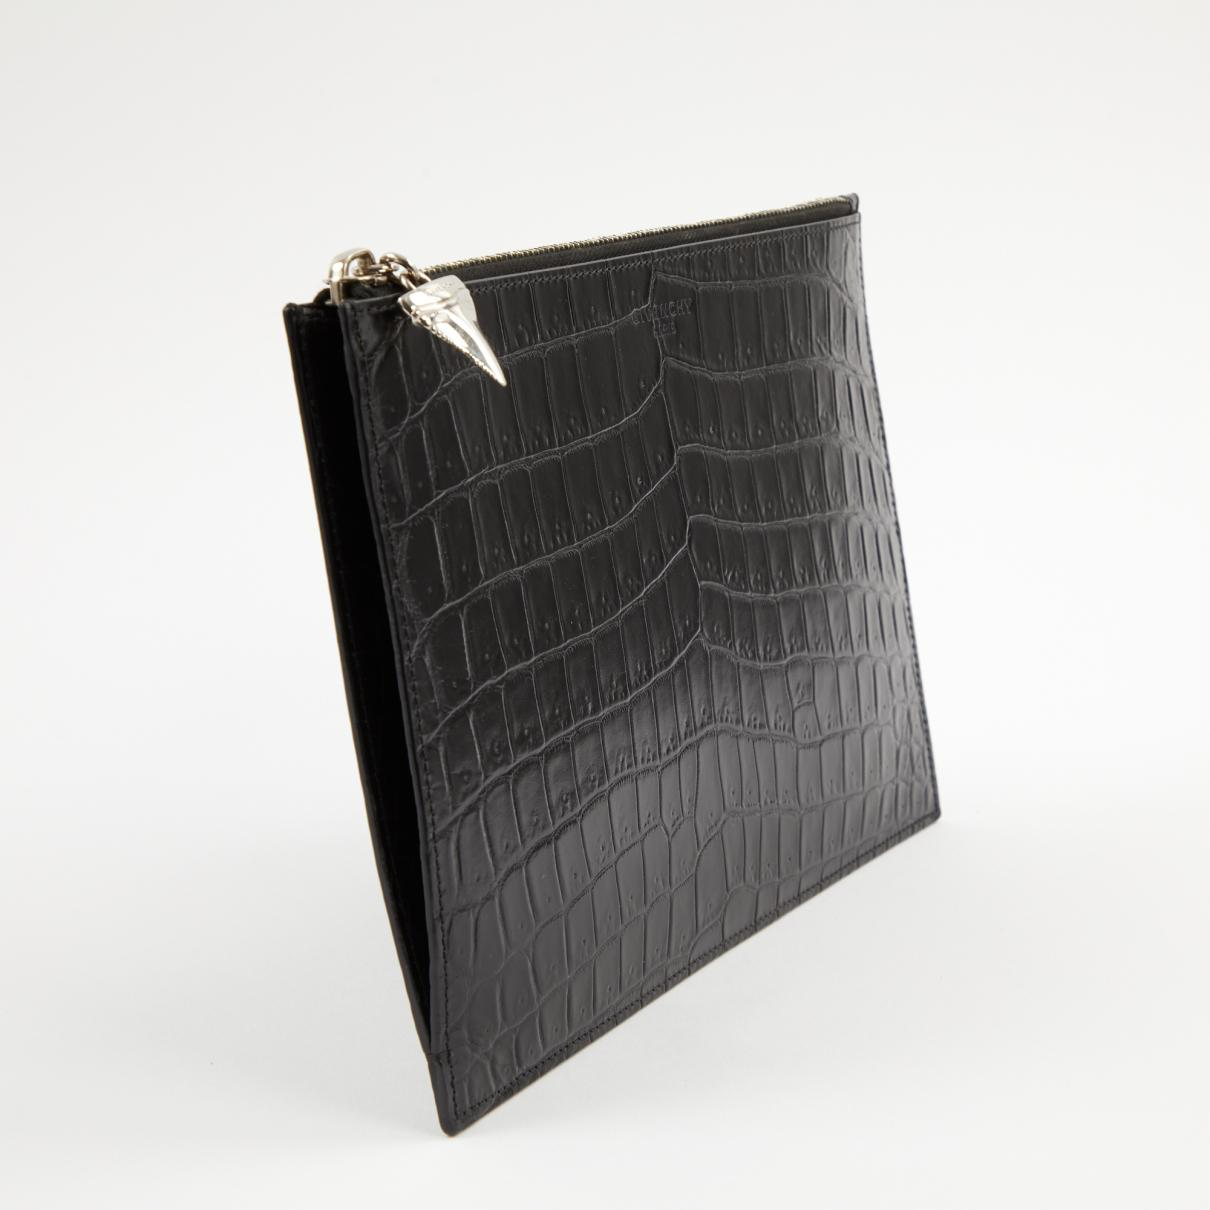 Givenchy - Black Leather Clutch Bag - Lyst. View fullscreen 8da5f1ae28607